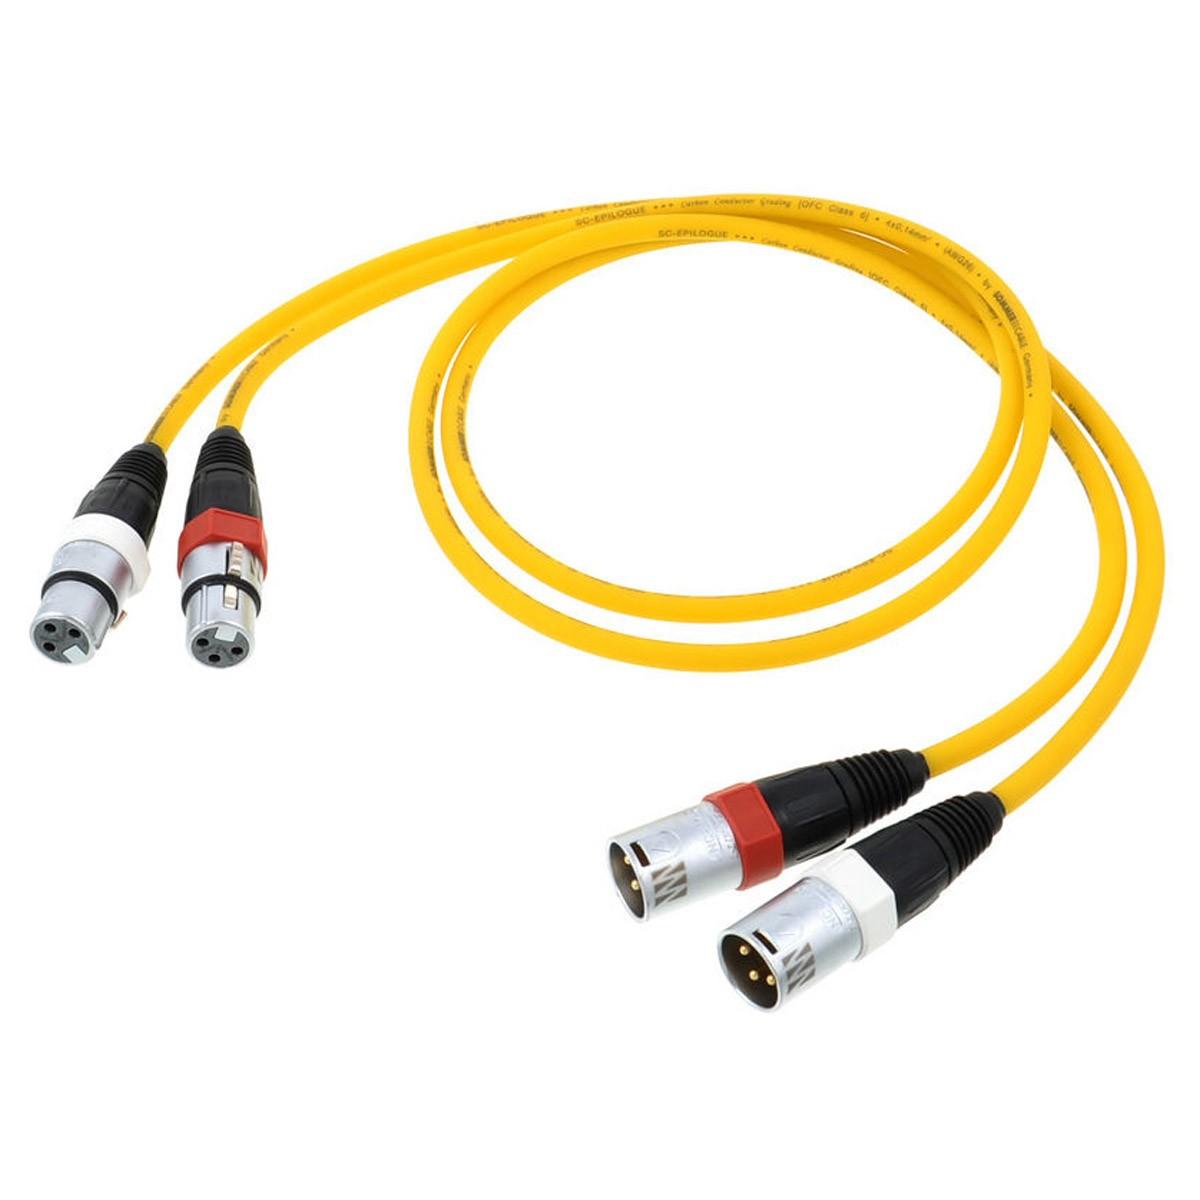 SOMMERCABLE EPILOGUE Câble de Modulation XLR Mâle vers XLR Femelle 0.5m (La paire)